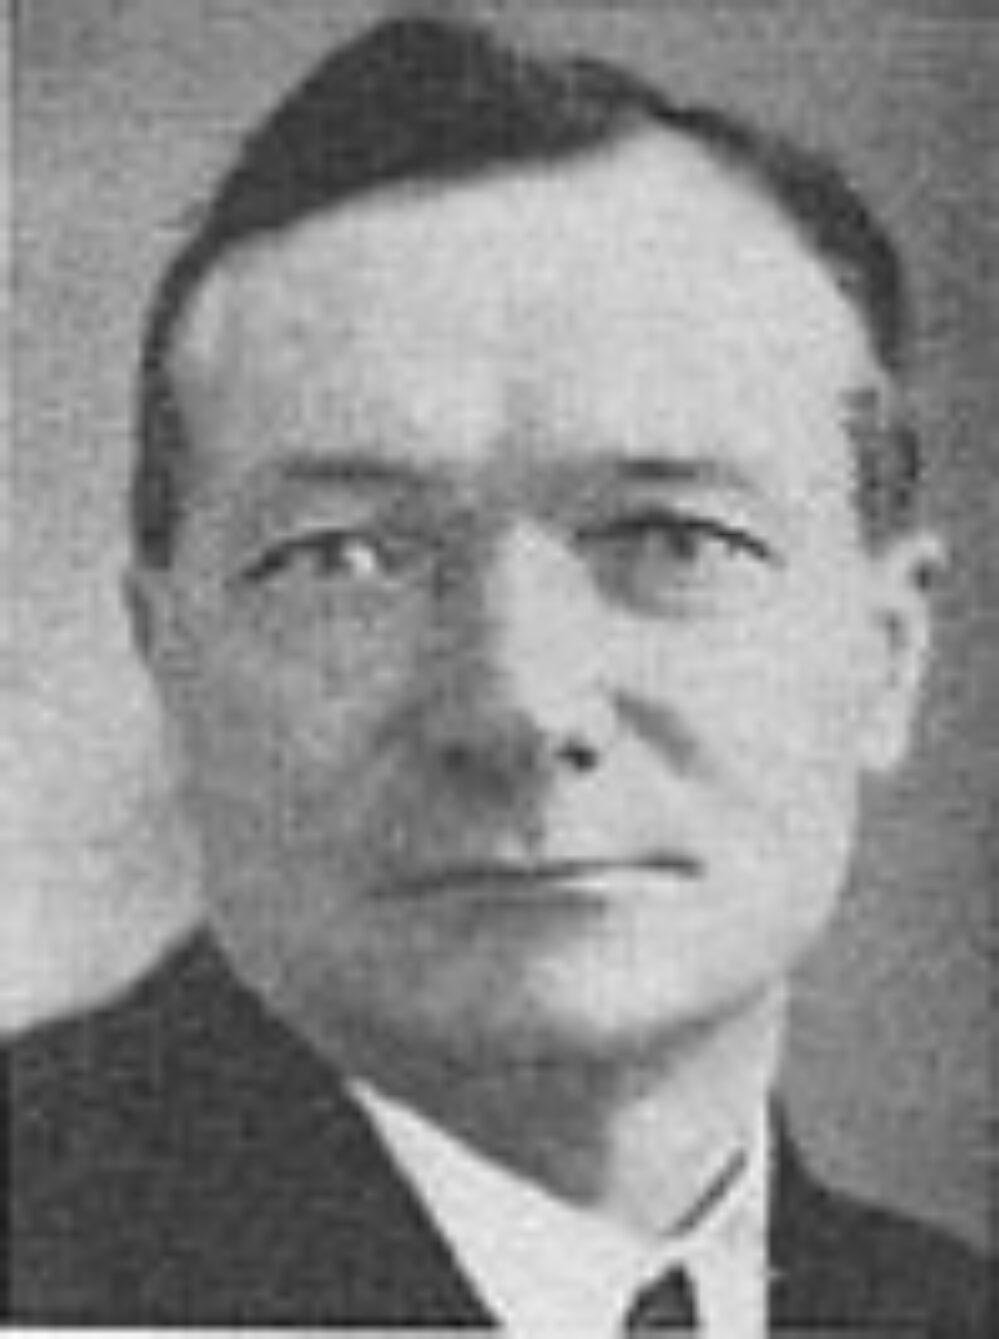 Nicolai Ludvik Engene